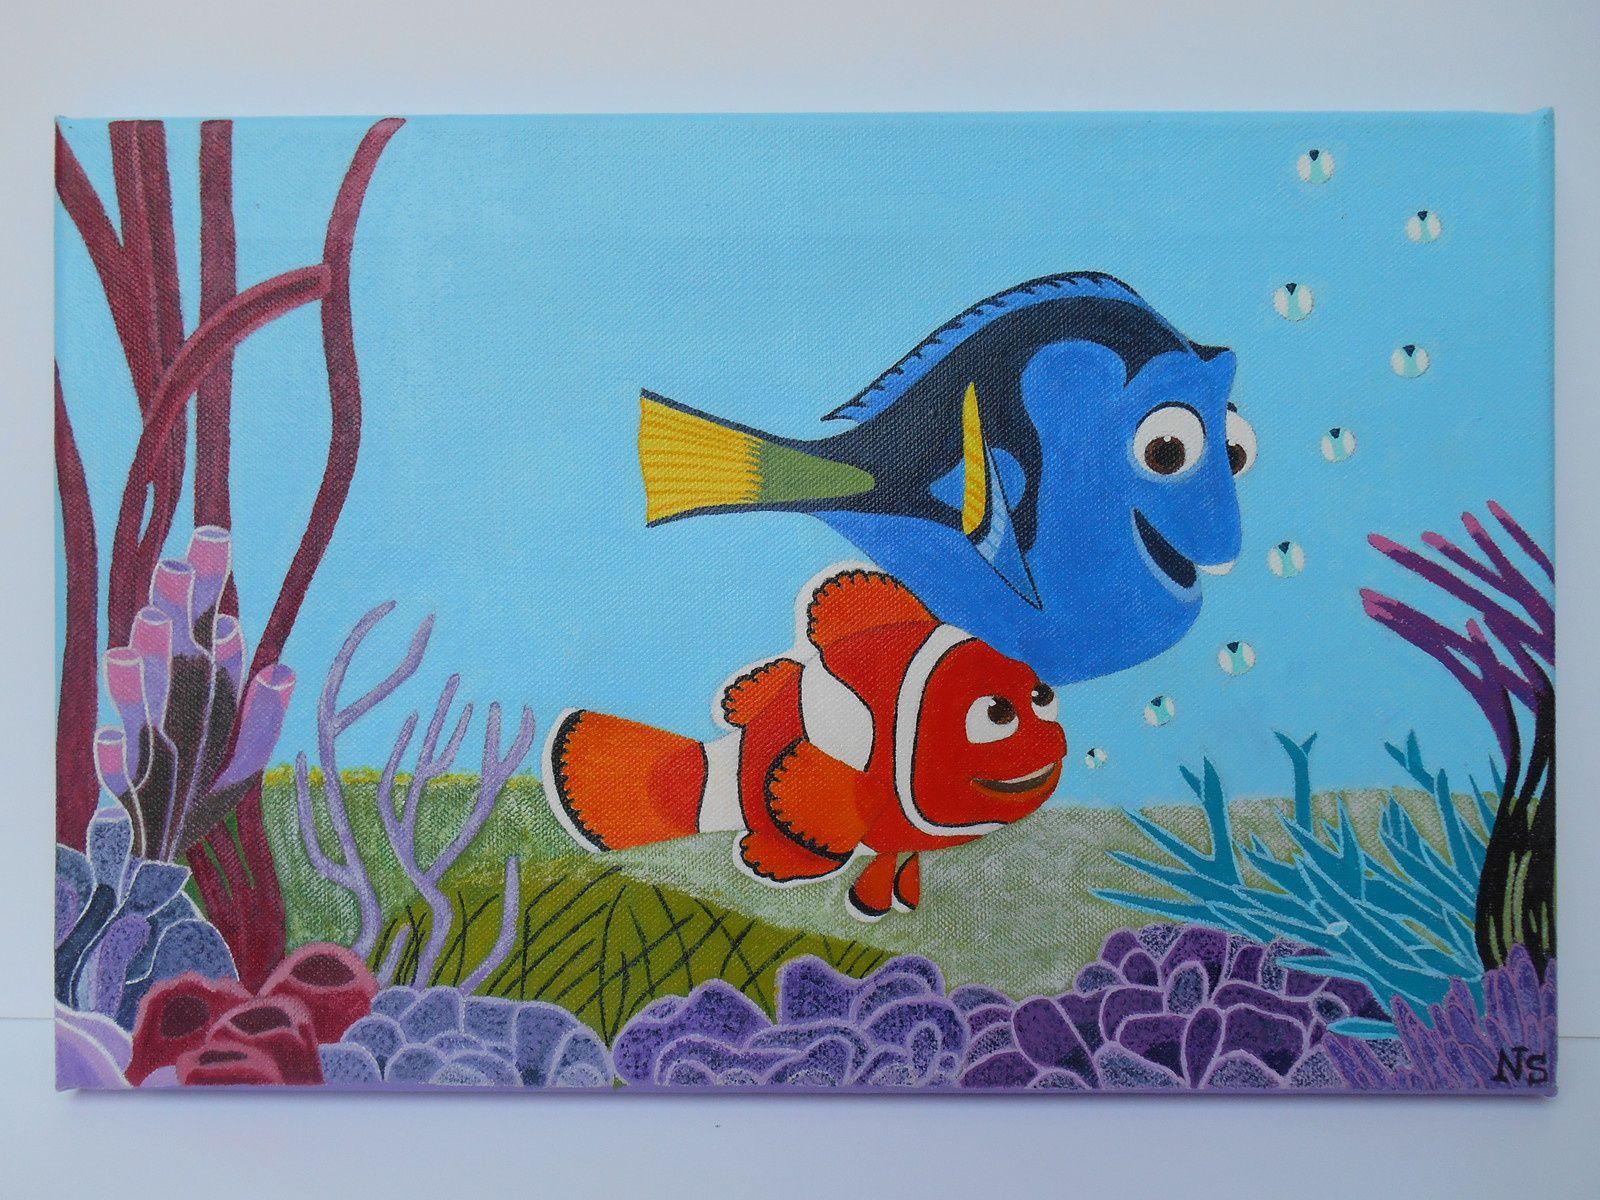 Nemo et doris - Nemo et doris ...